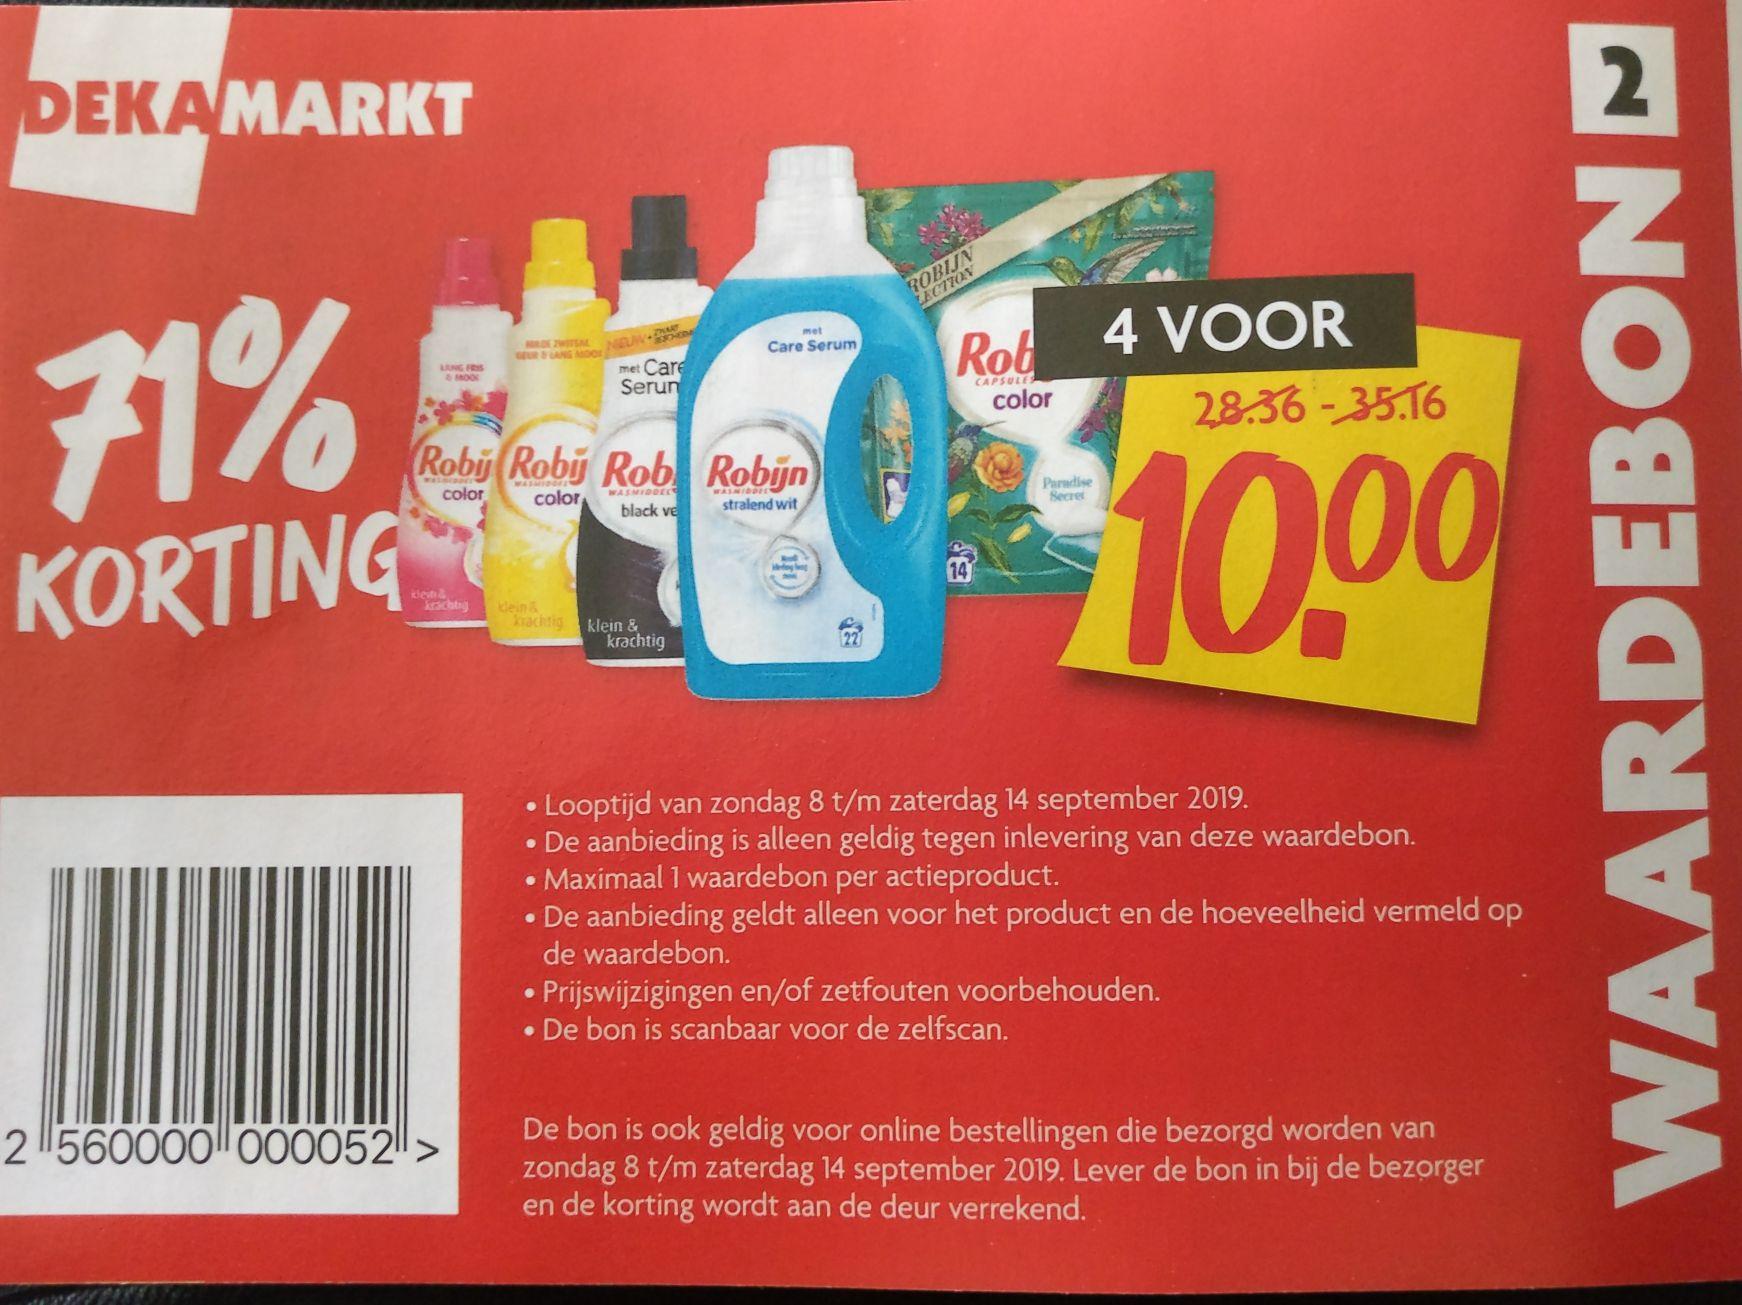 [Dekamarkt] Robijn wasmiddel (71% korting) - 4 stuks voor 10 euro